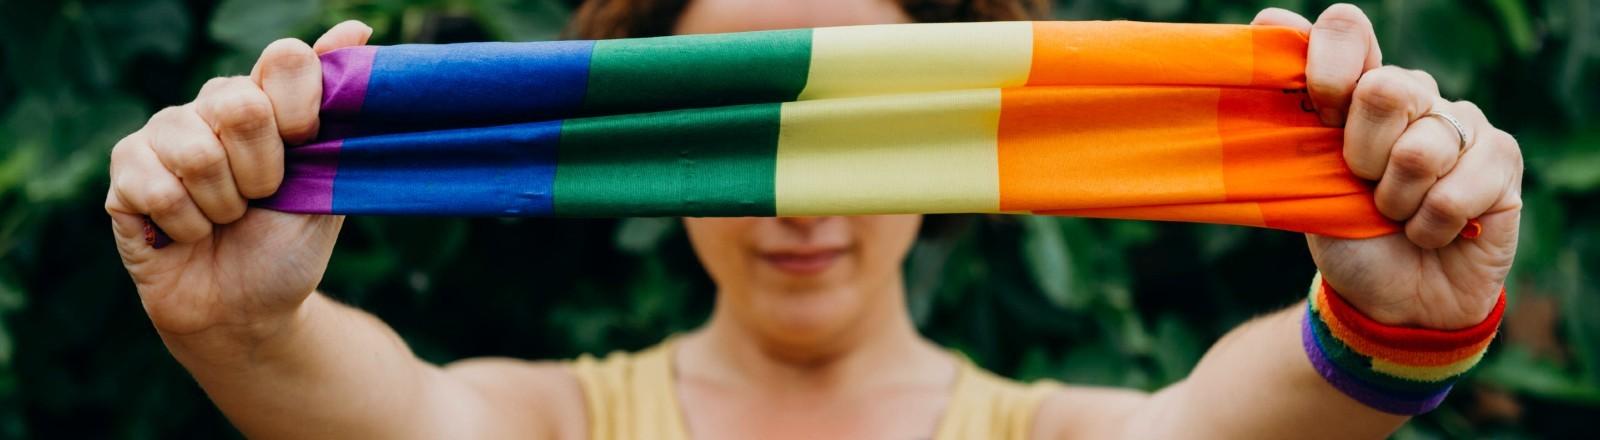 Junge Frau hält ein regenbogenfarbenes Tuch in die Kamera.